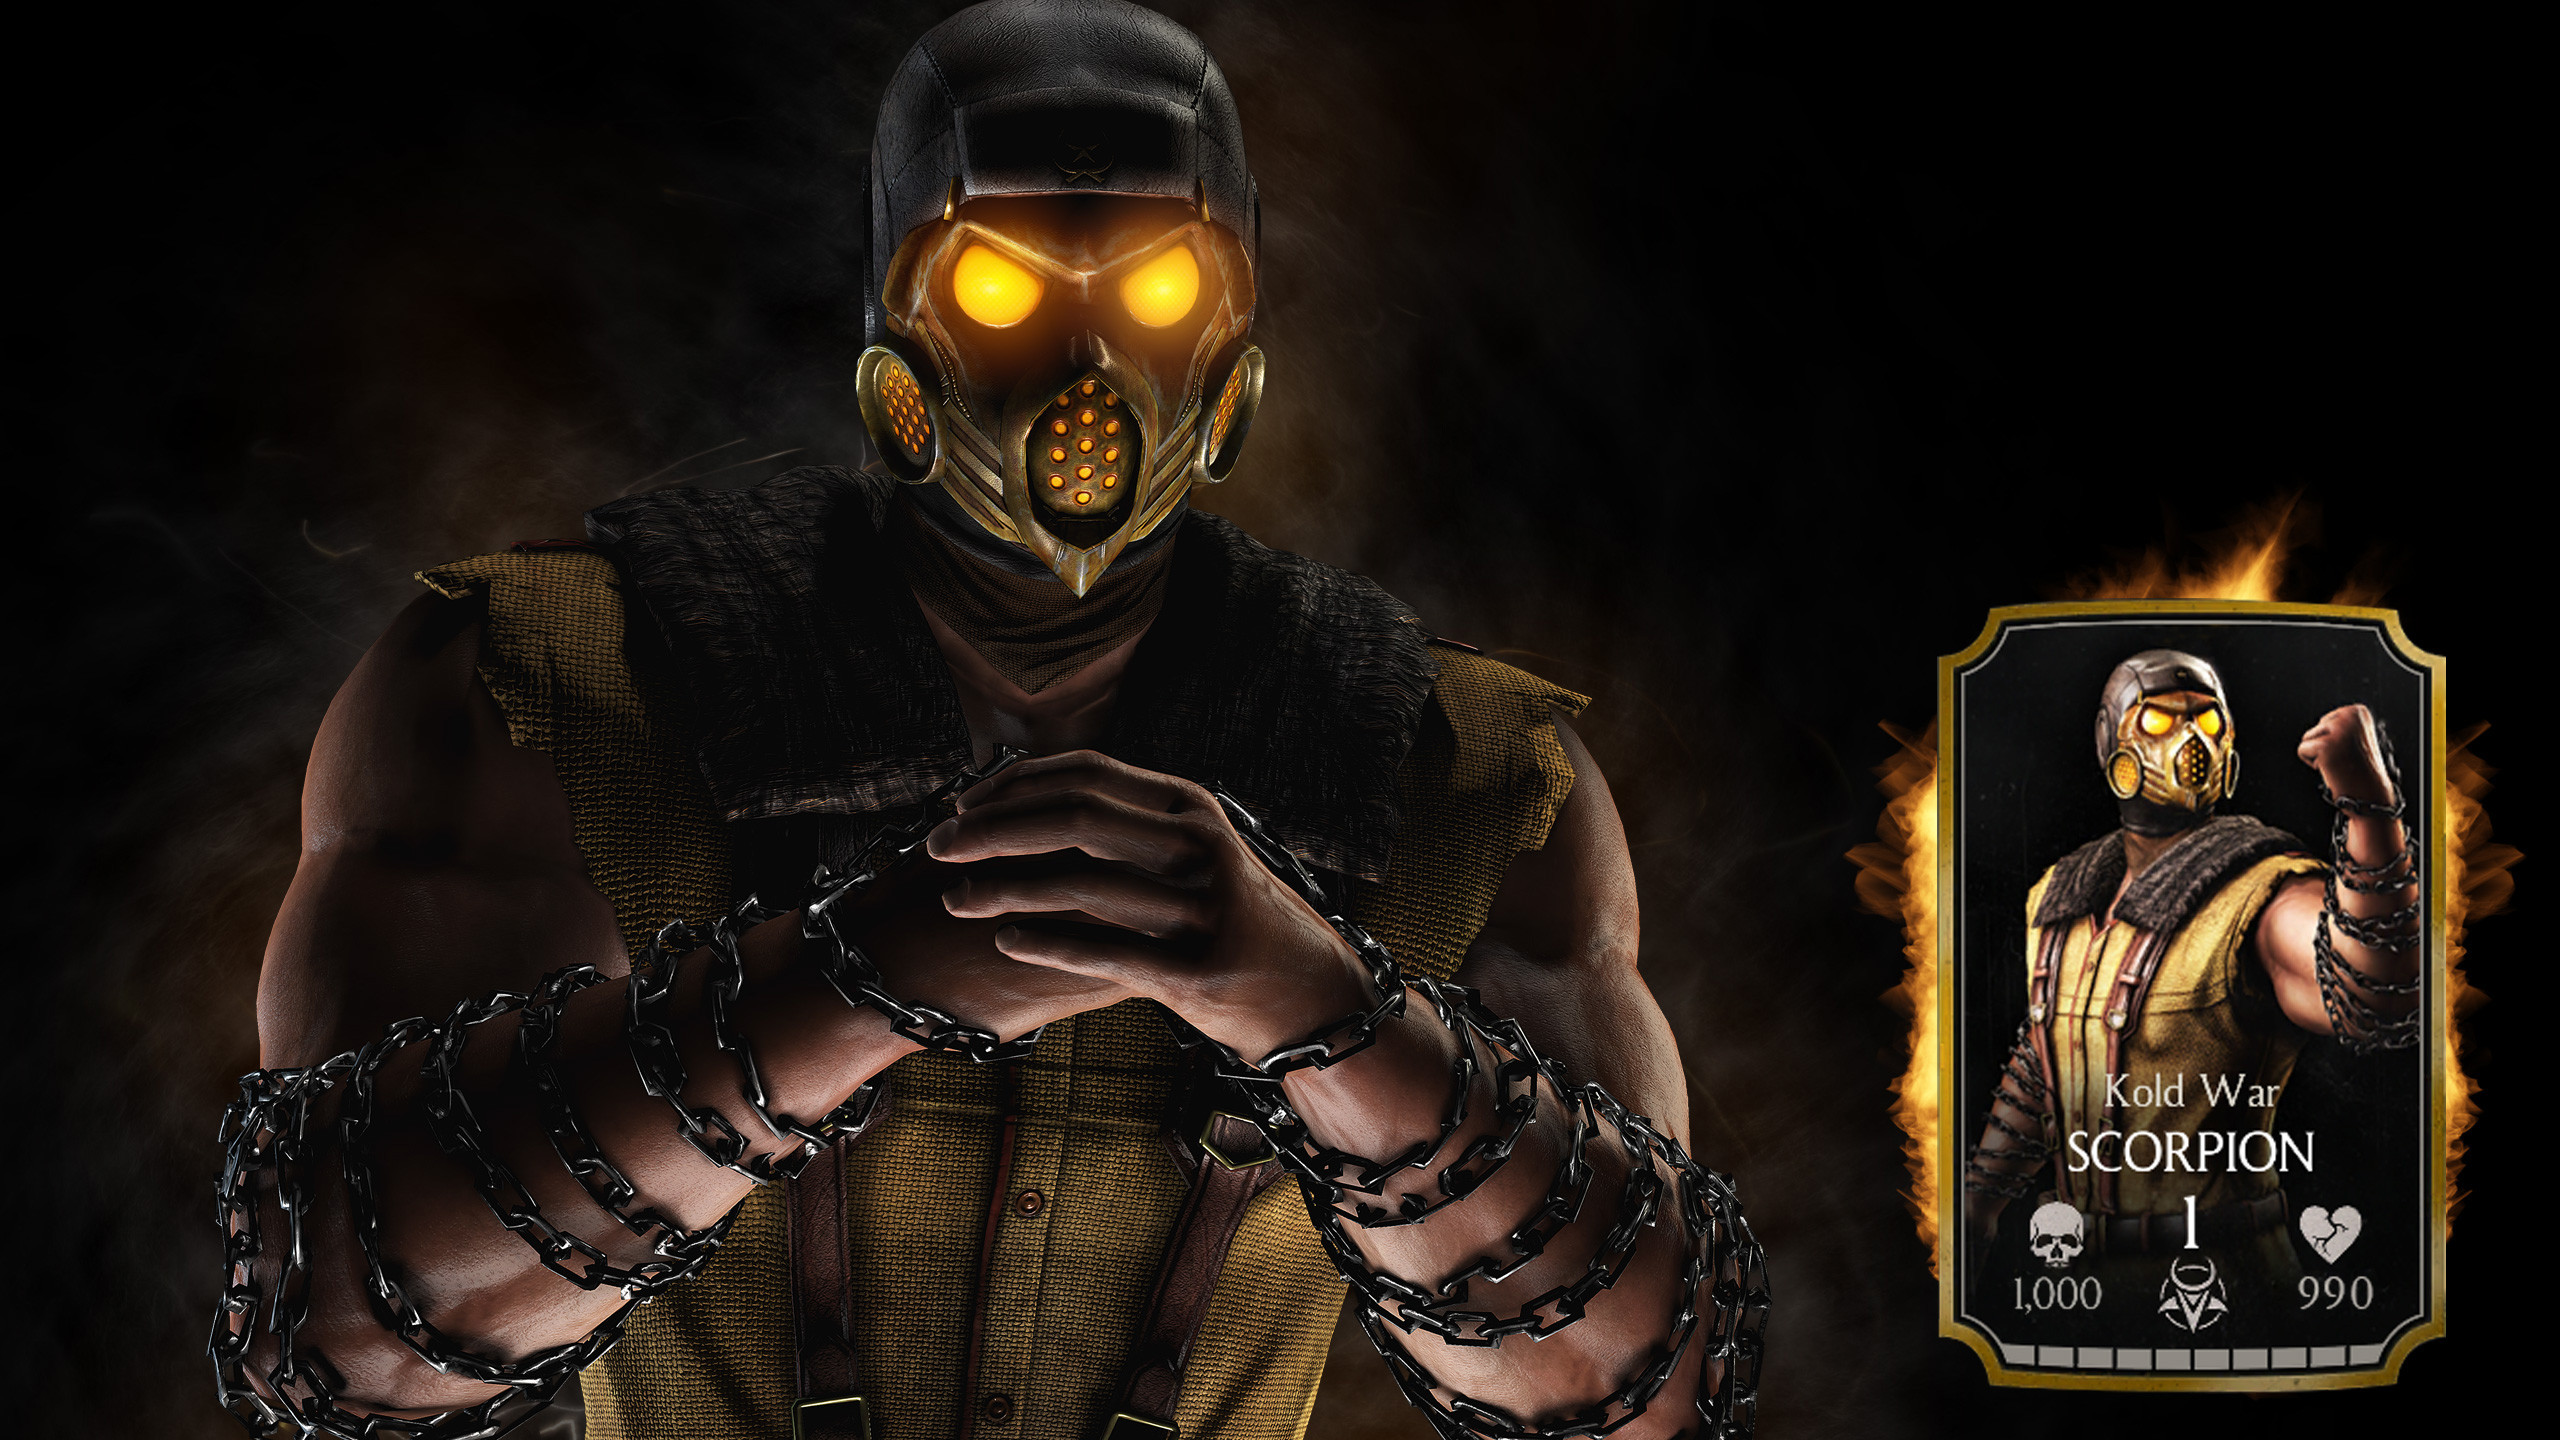 Scorpion Mortal Kombat X Game